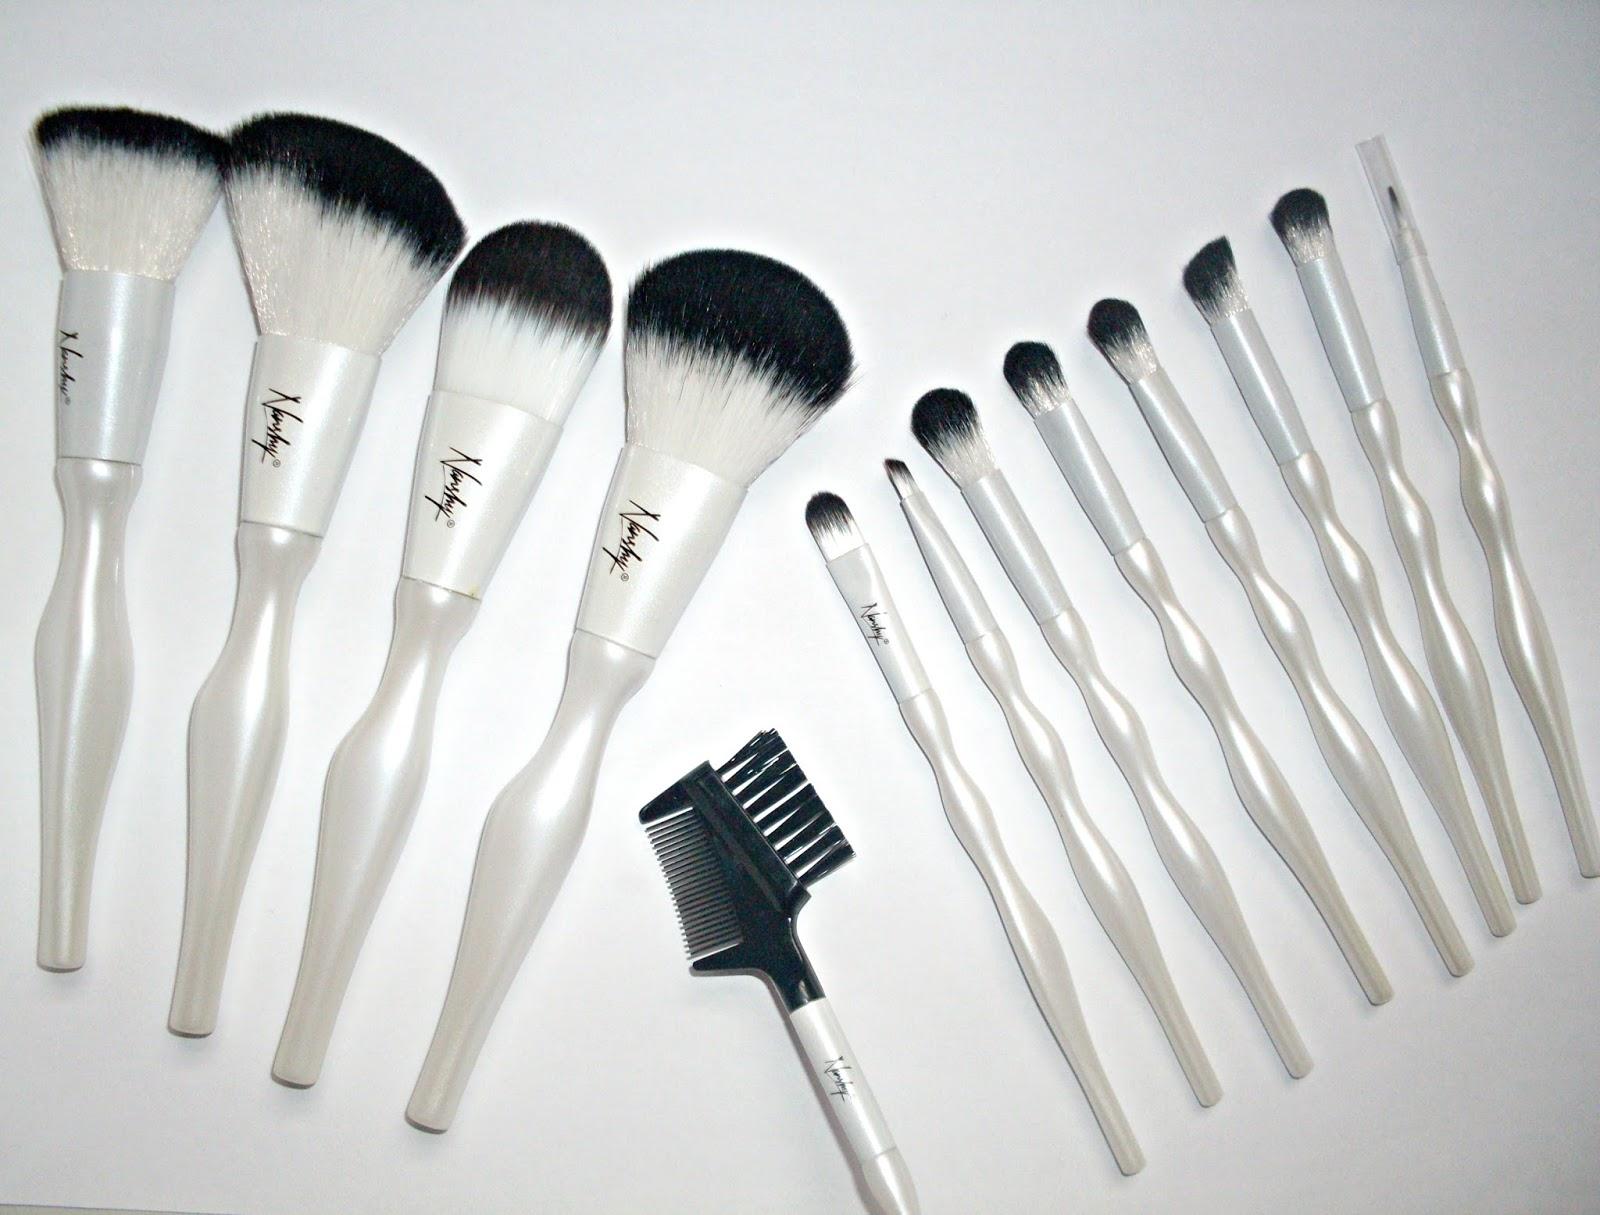 VelvetBlush Nanshy Luxury Make Up Brush Set Review